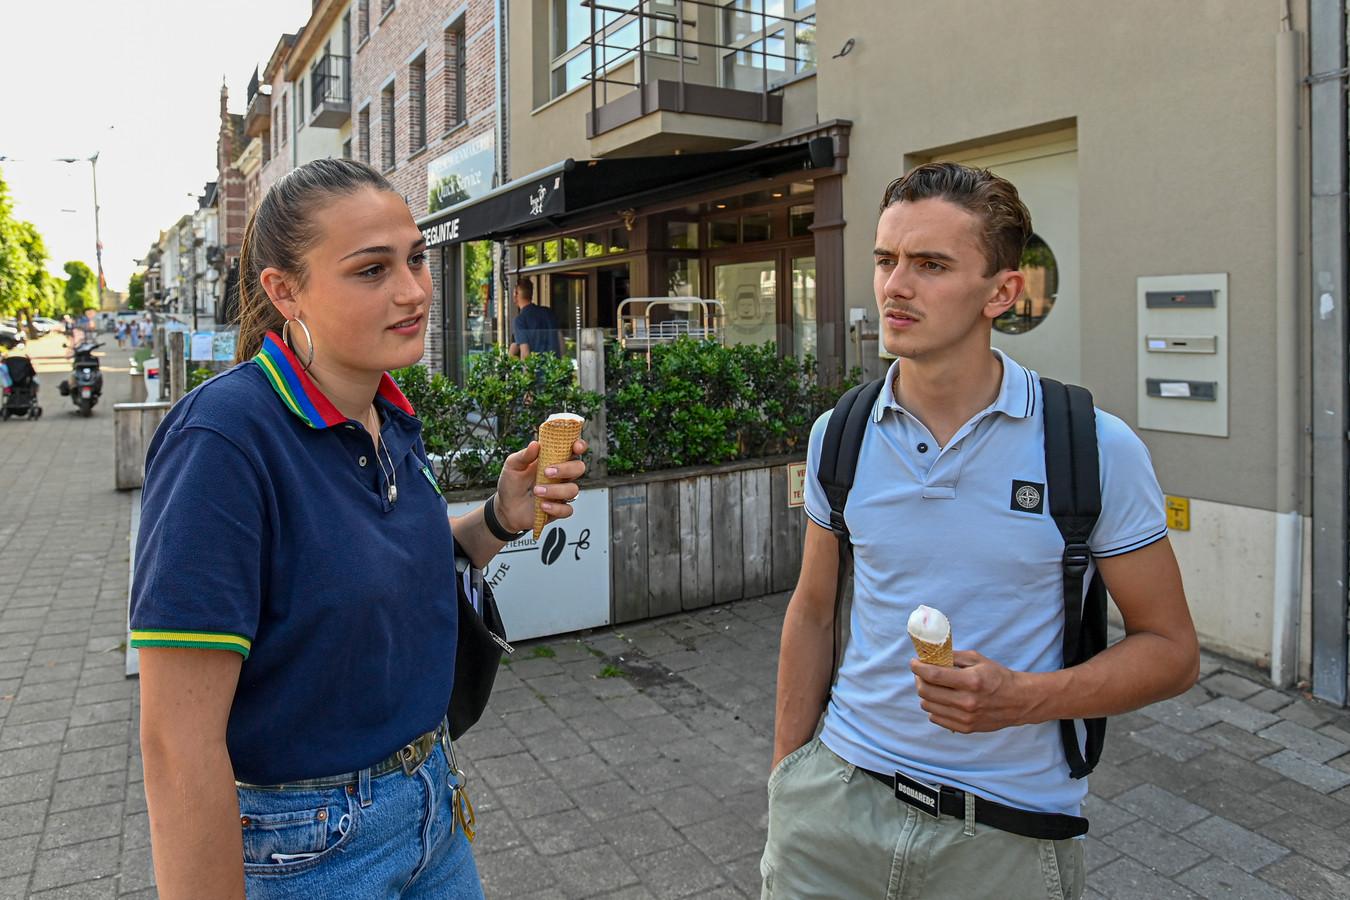 """Kaat Van Ostaayen (18): ,,Knuffelbubbel? Bullshit."""" Lucas Snoek (18): ,,Knuffelbubbel? Overdreven."""""""